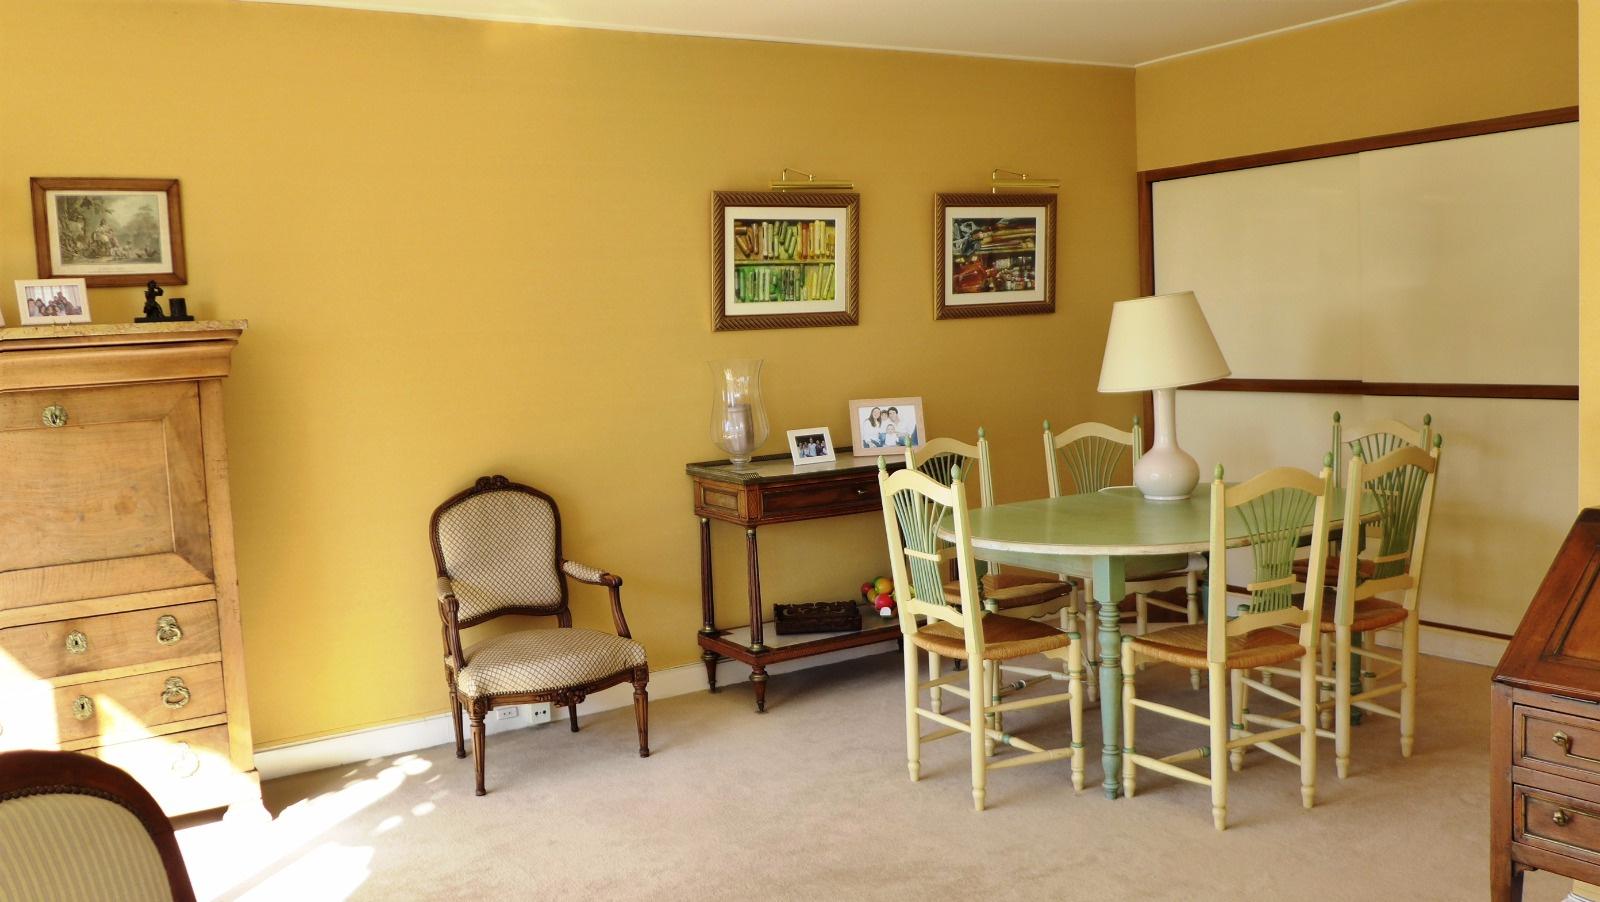 vente m tro marcel sembat 4 pi ces balcon. Black Bedroom Furniture Sets. Home Design Ideas